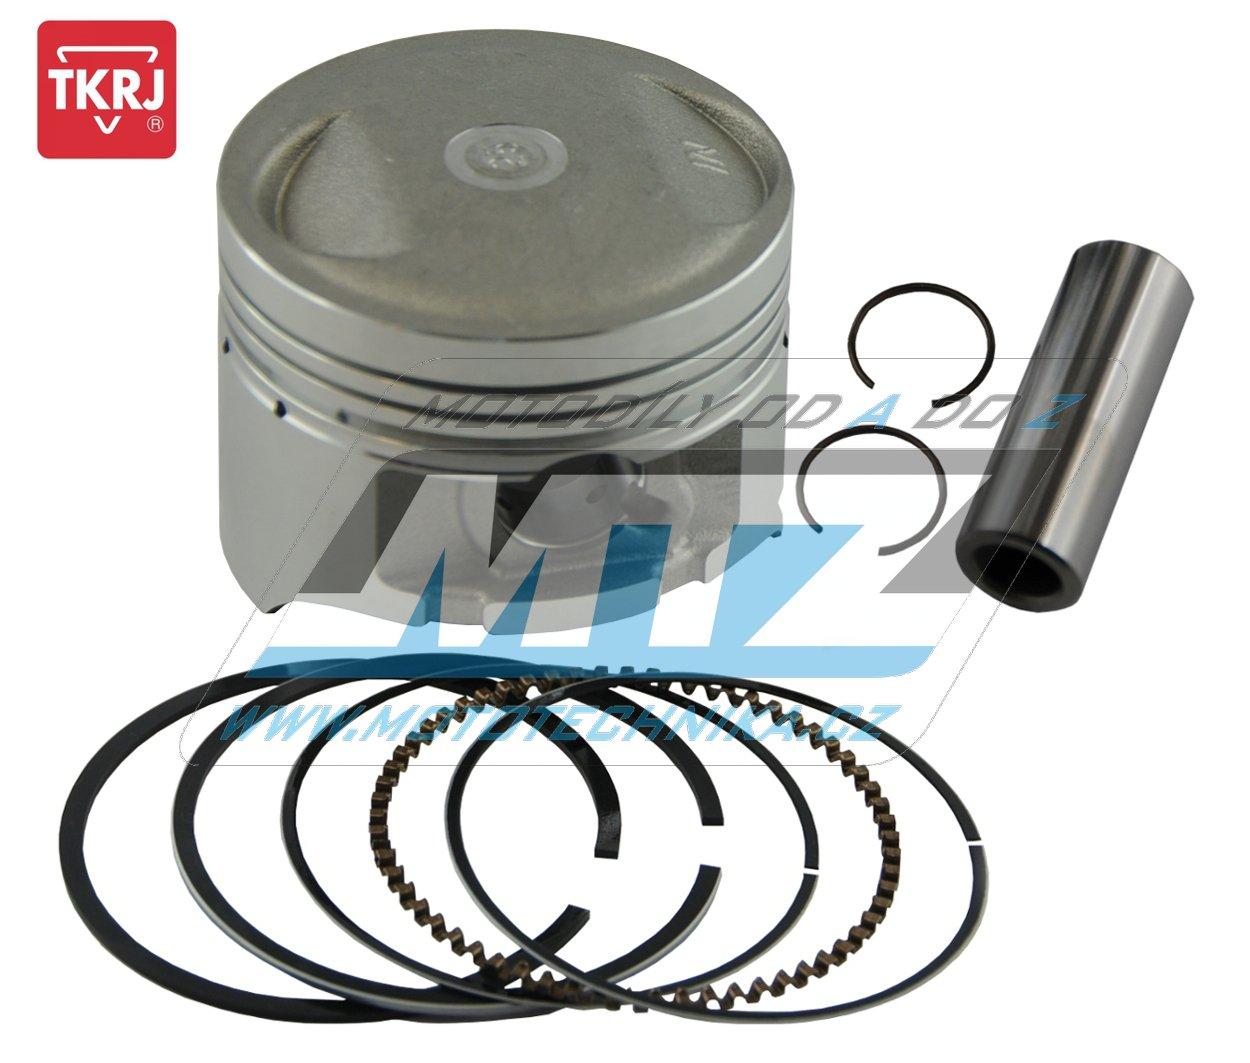 Píst Honda XR125L / 03-06 + CG125 / 05-06 - pro vrtání 56,75mm (pístní čep průměr 13mm)